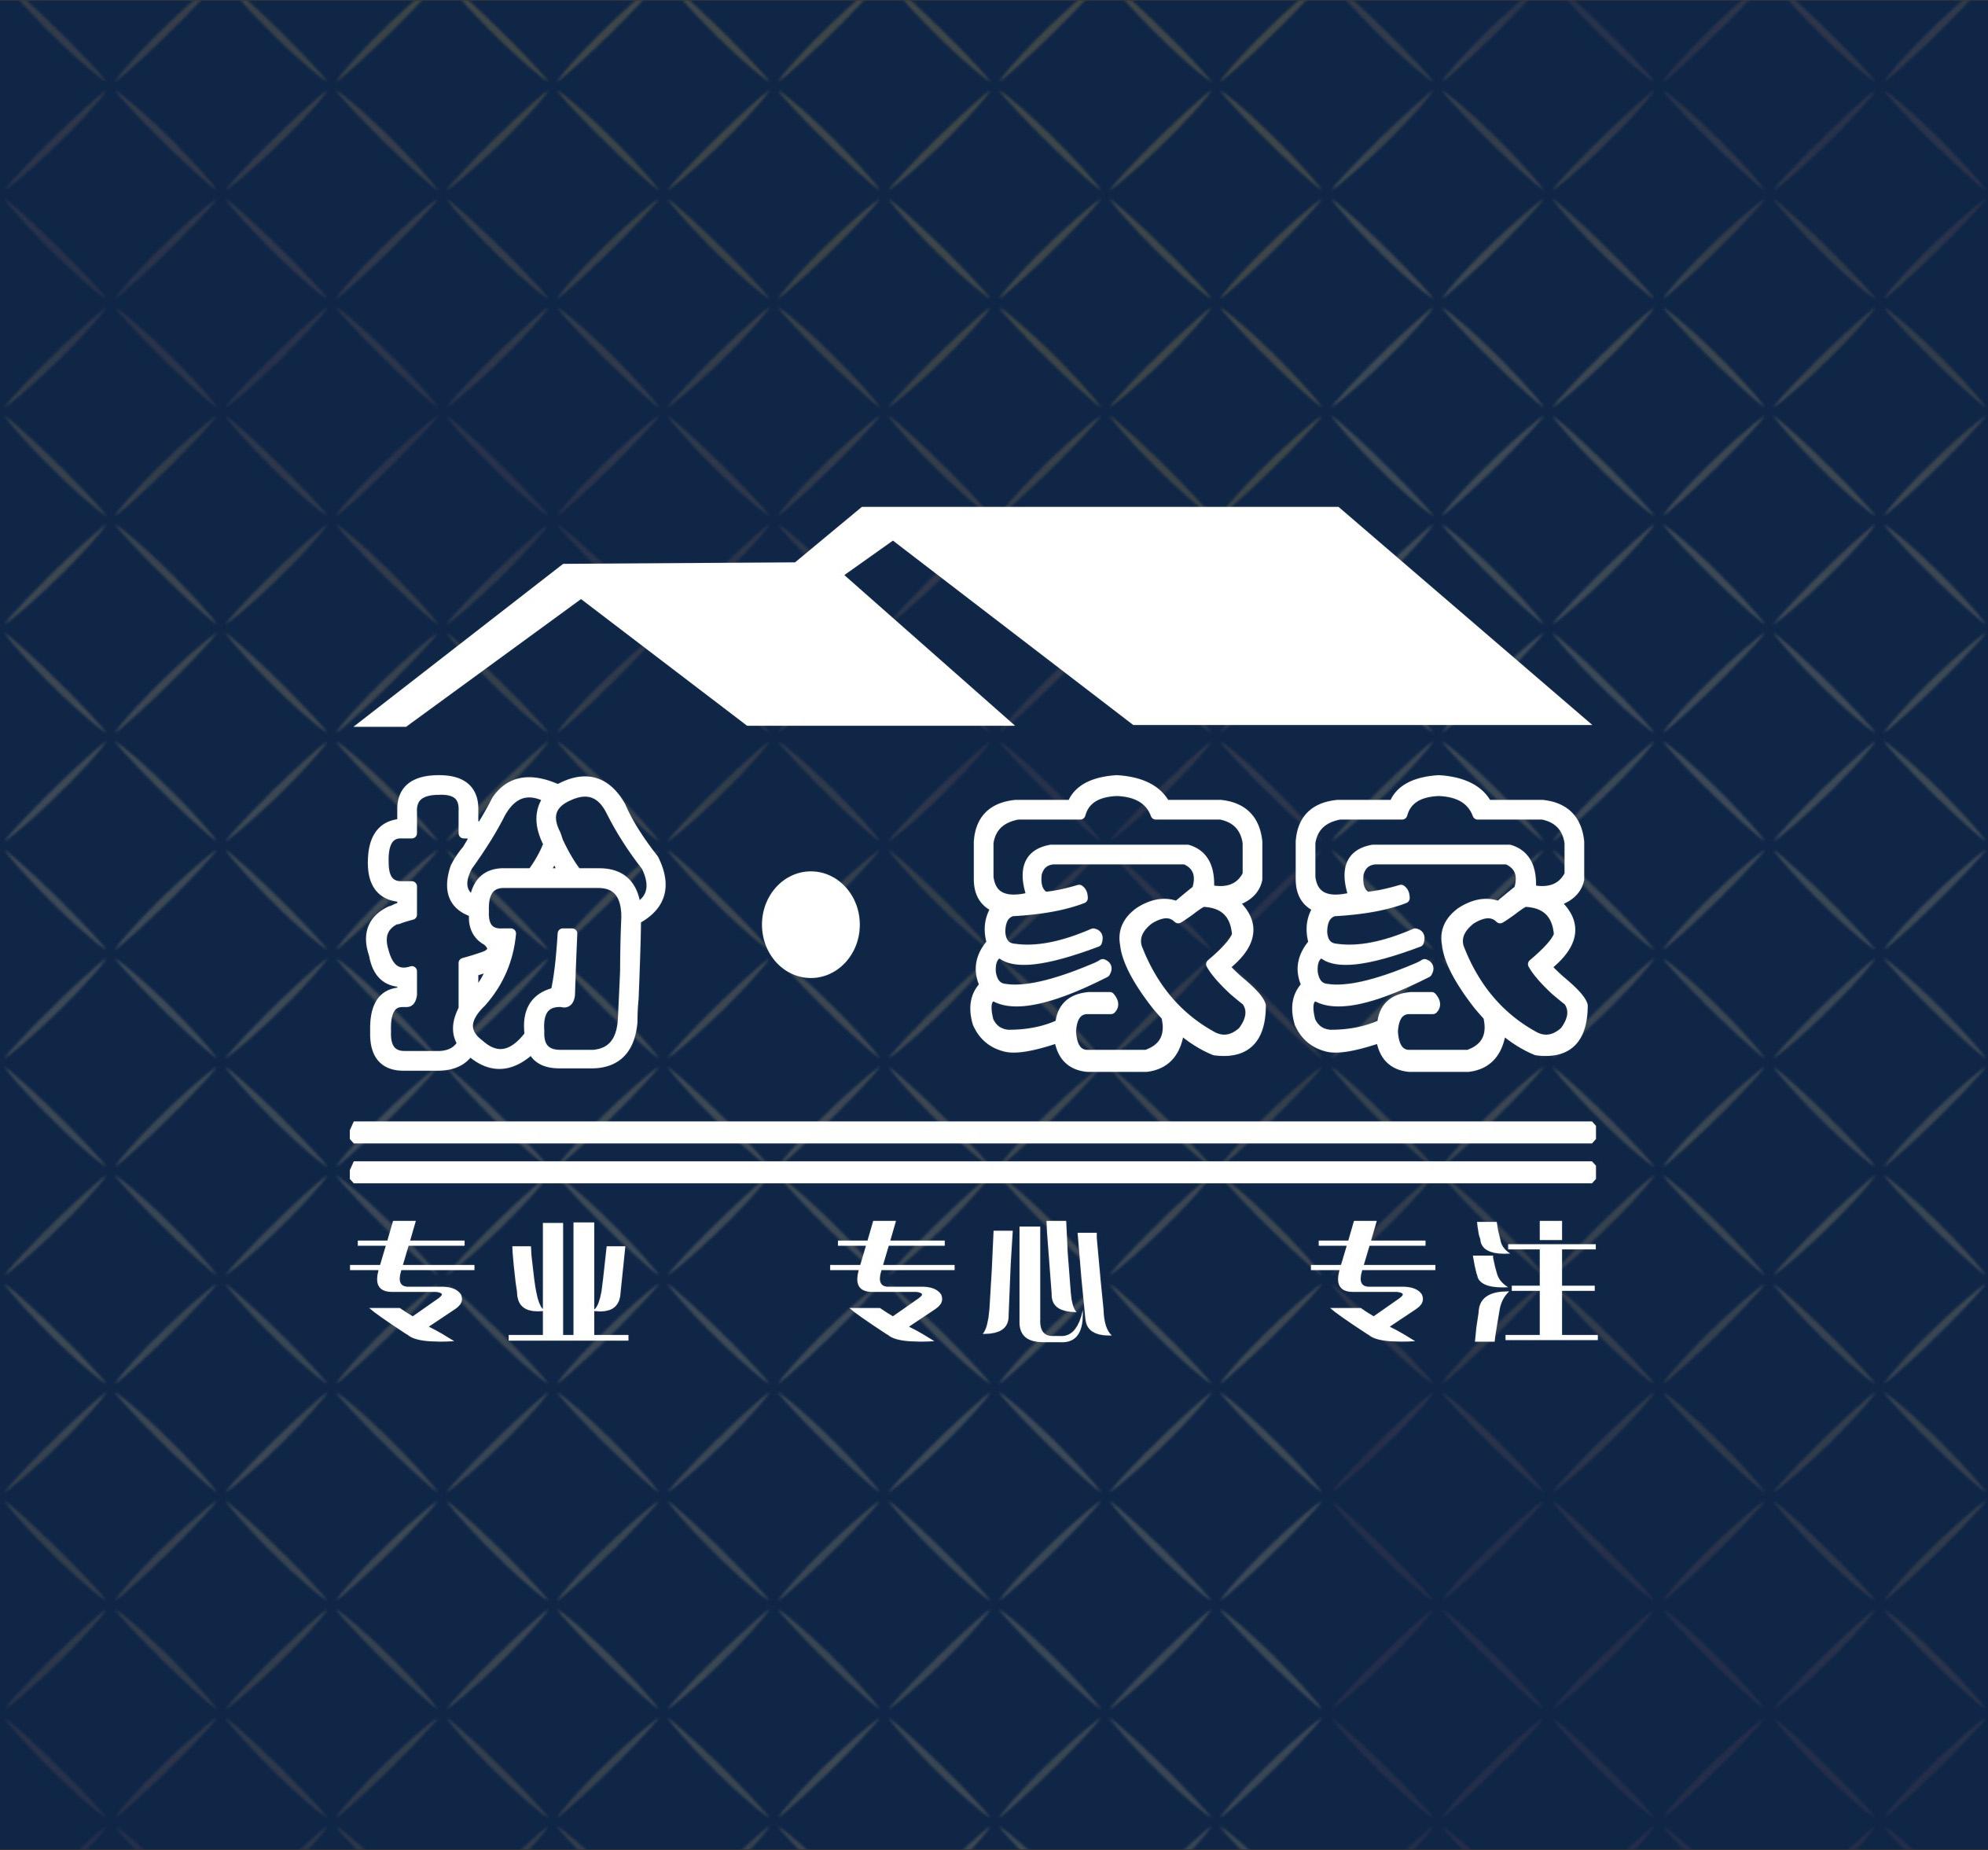 深圳扮家家装饰有限公司